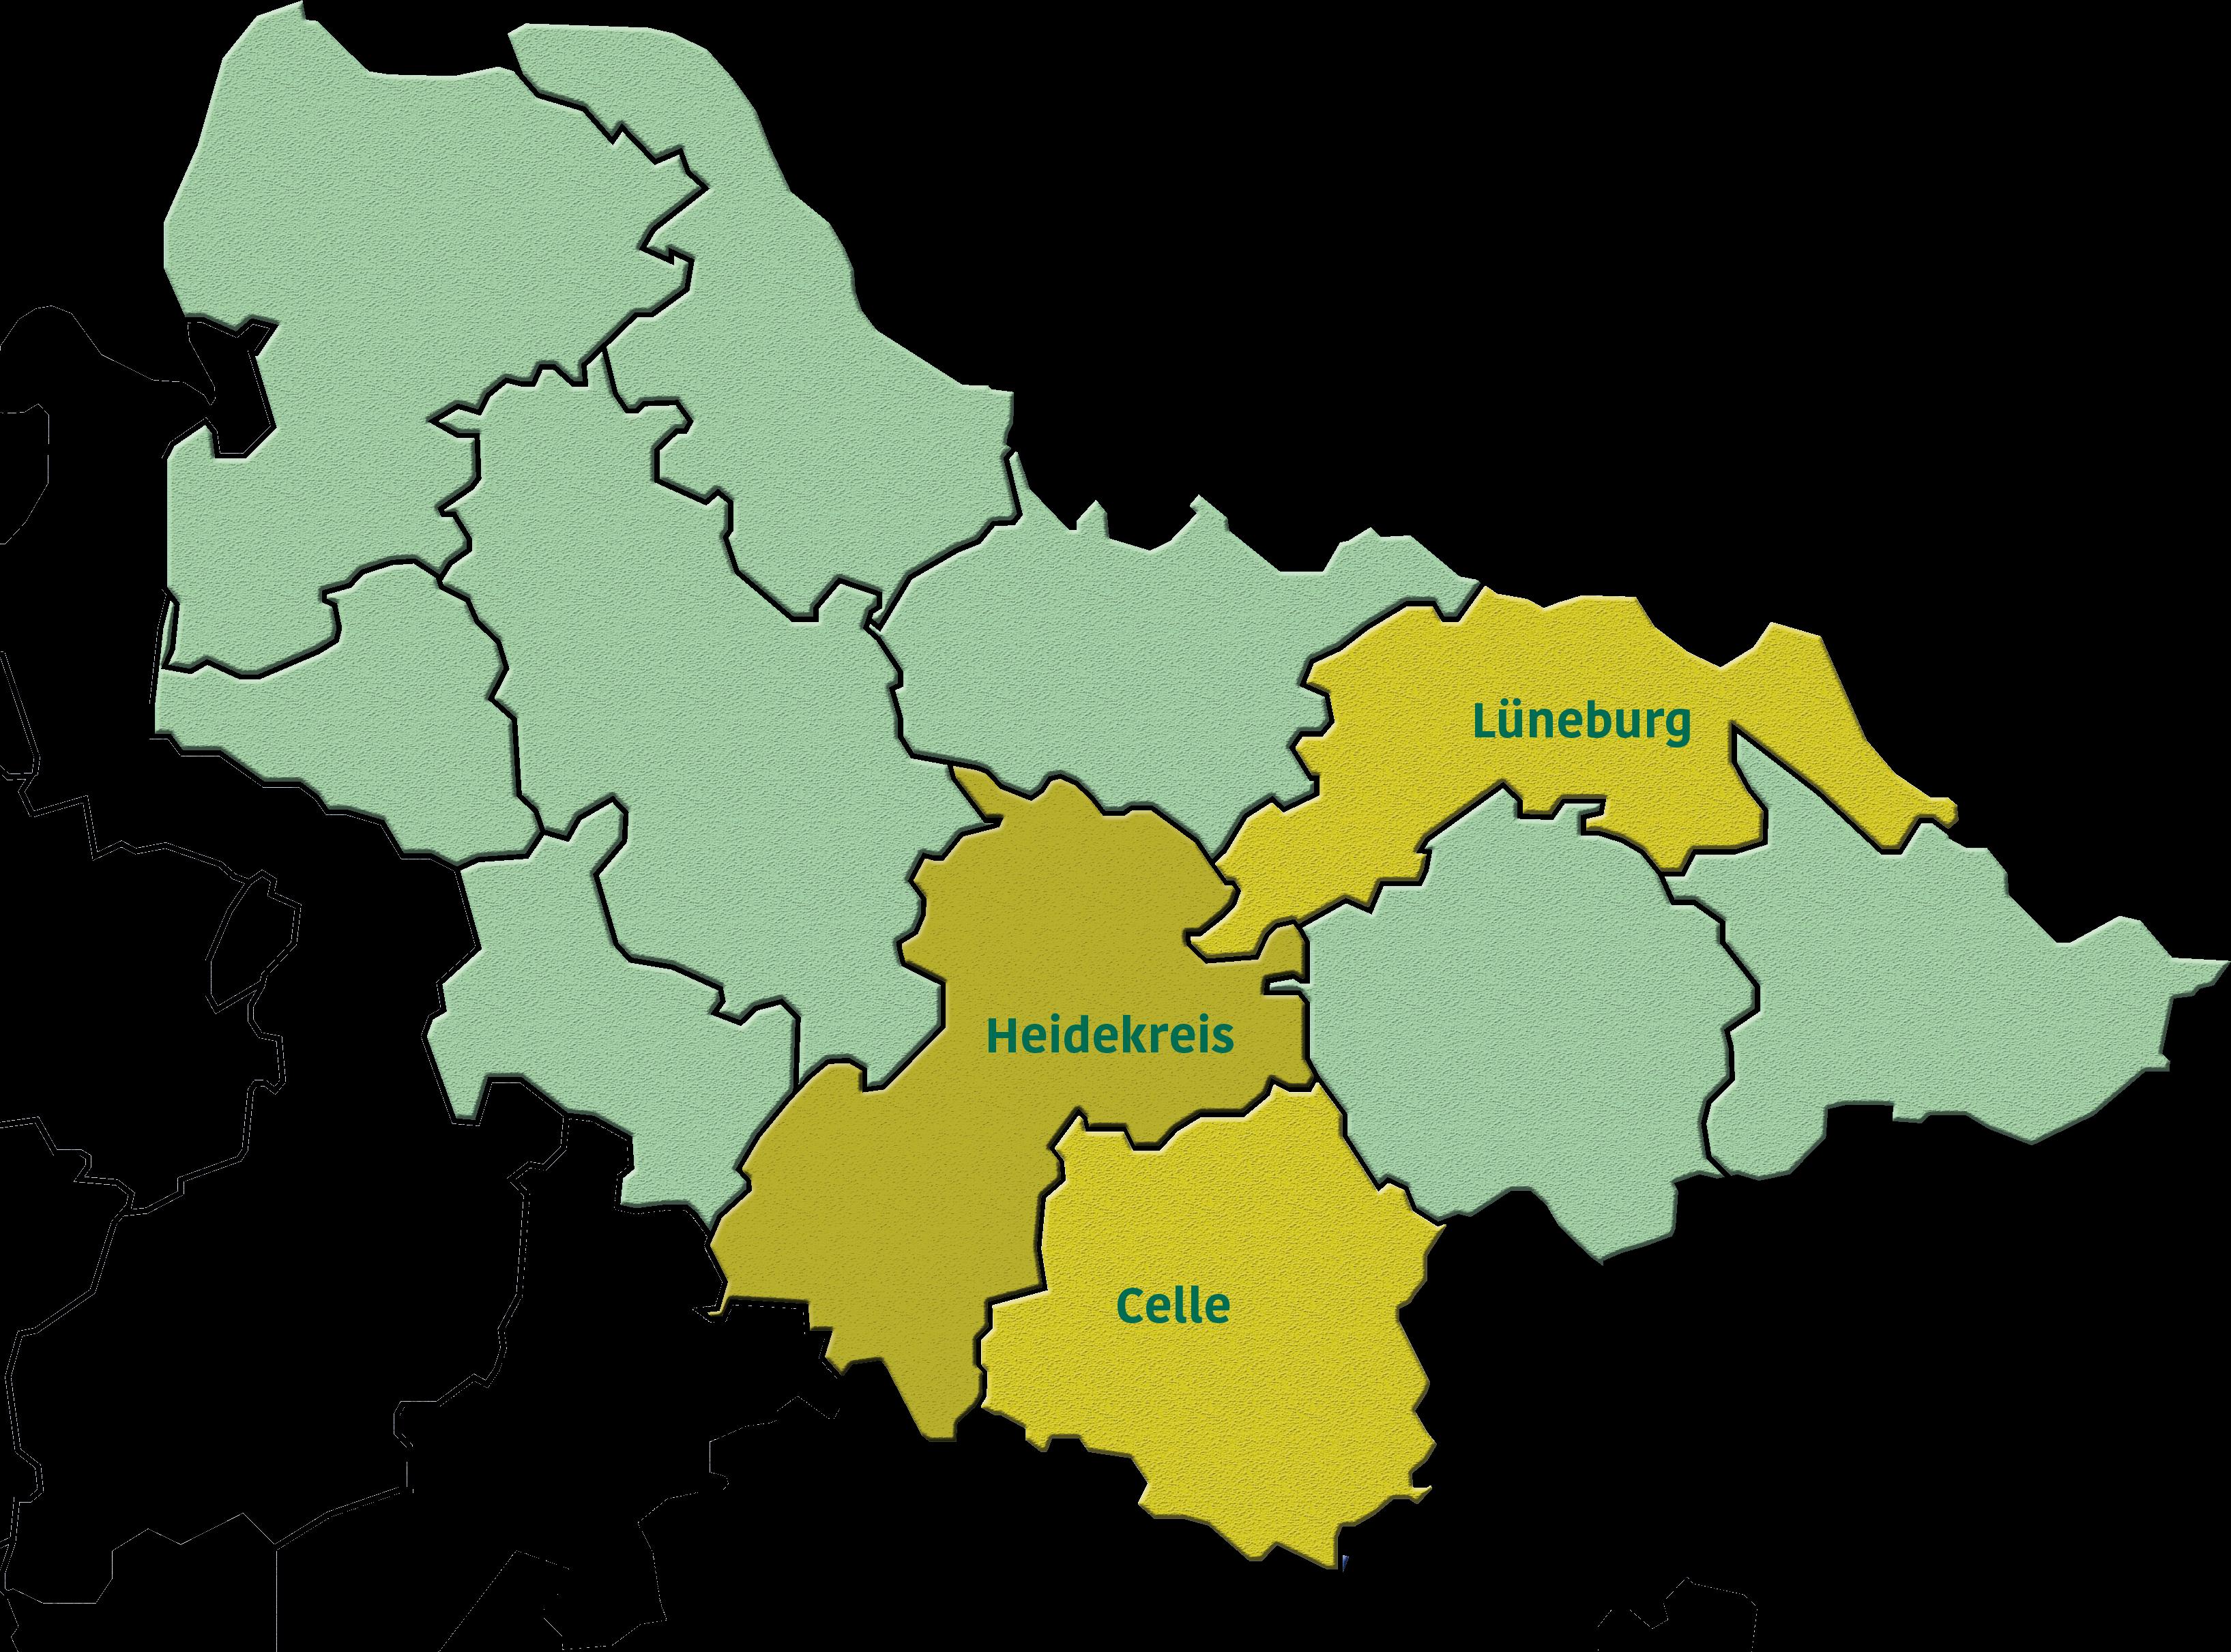 Kontur Celle Heidekreis Lüneburg